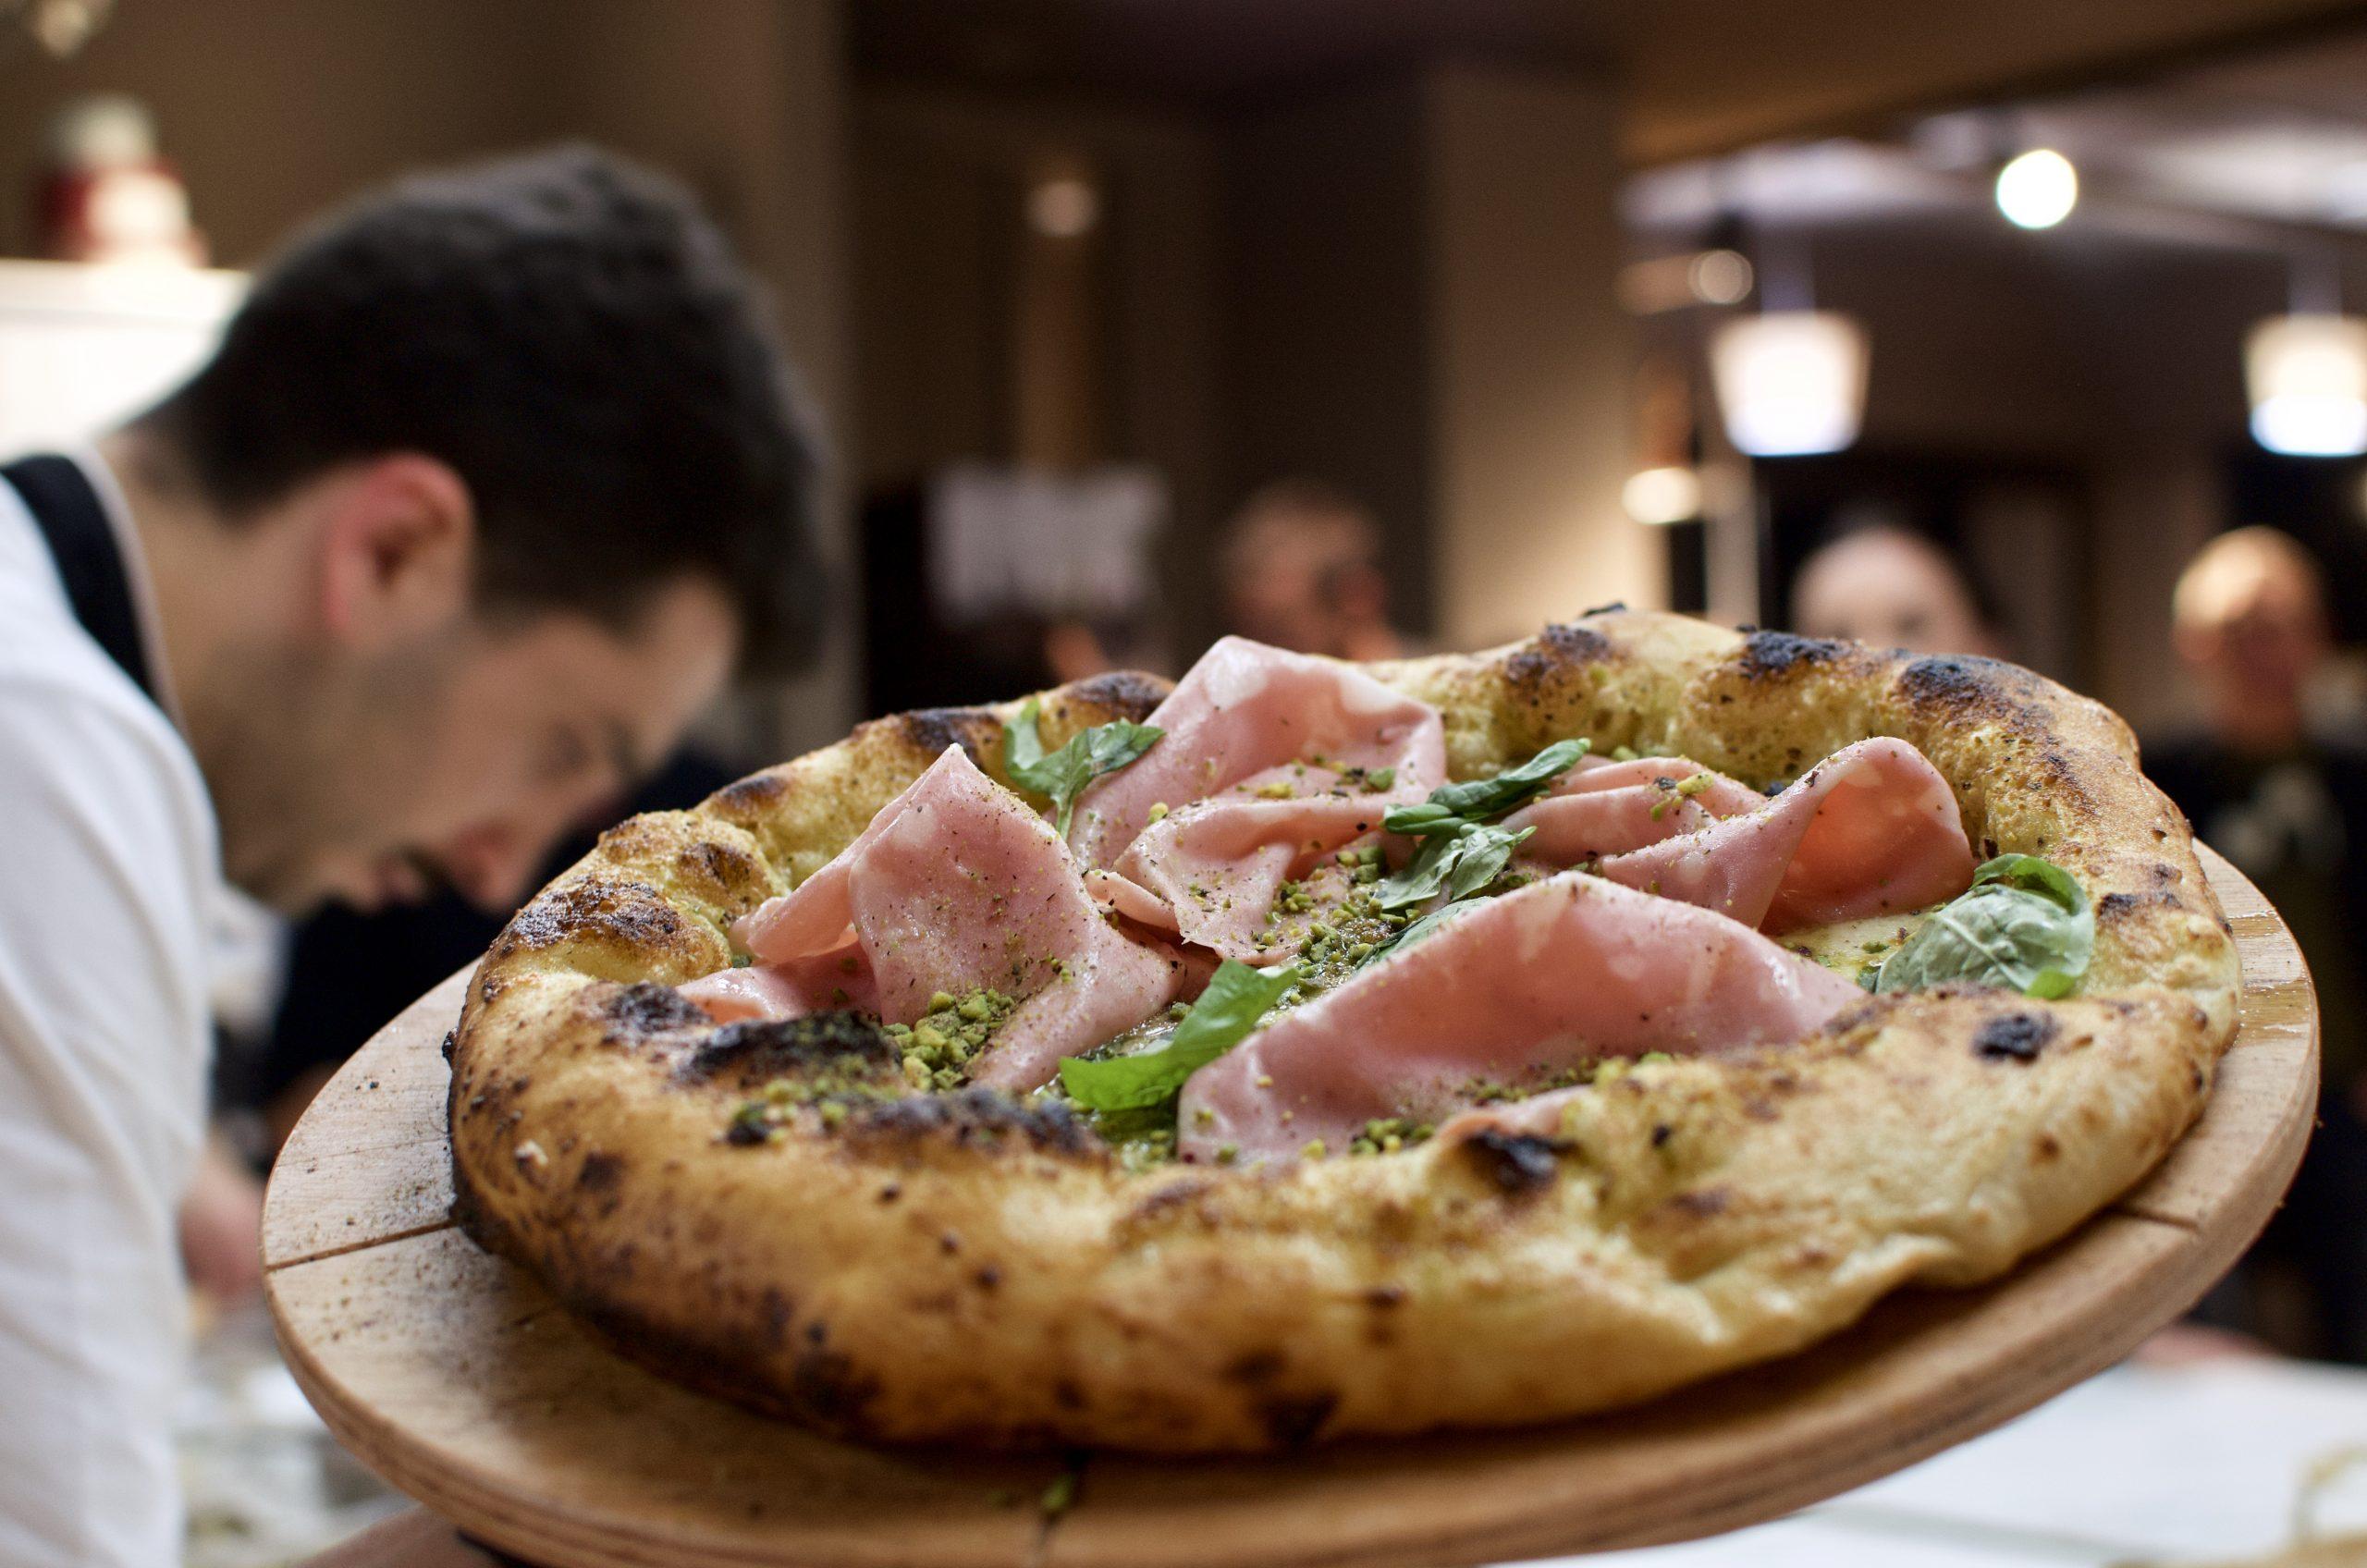 Pistacchio e mortadella (Pizzeria Assaje, Isola M5, Milano)